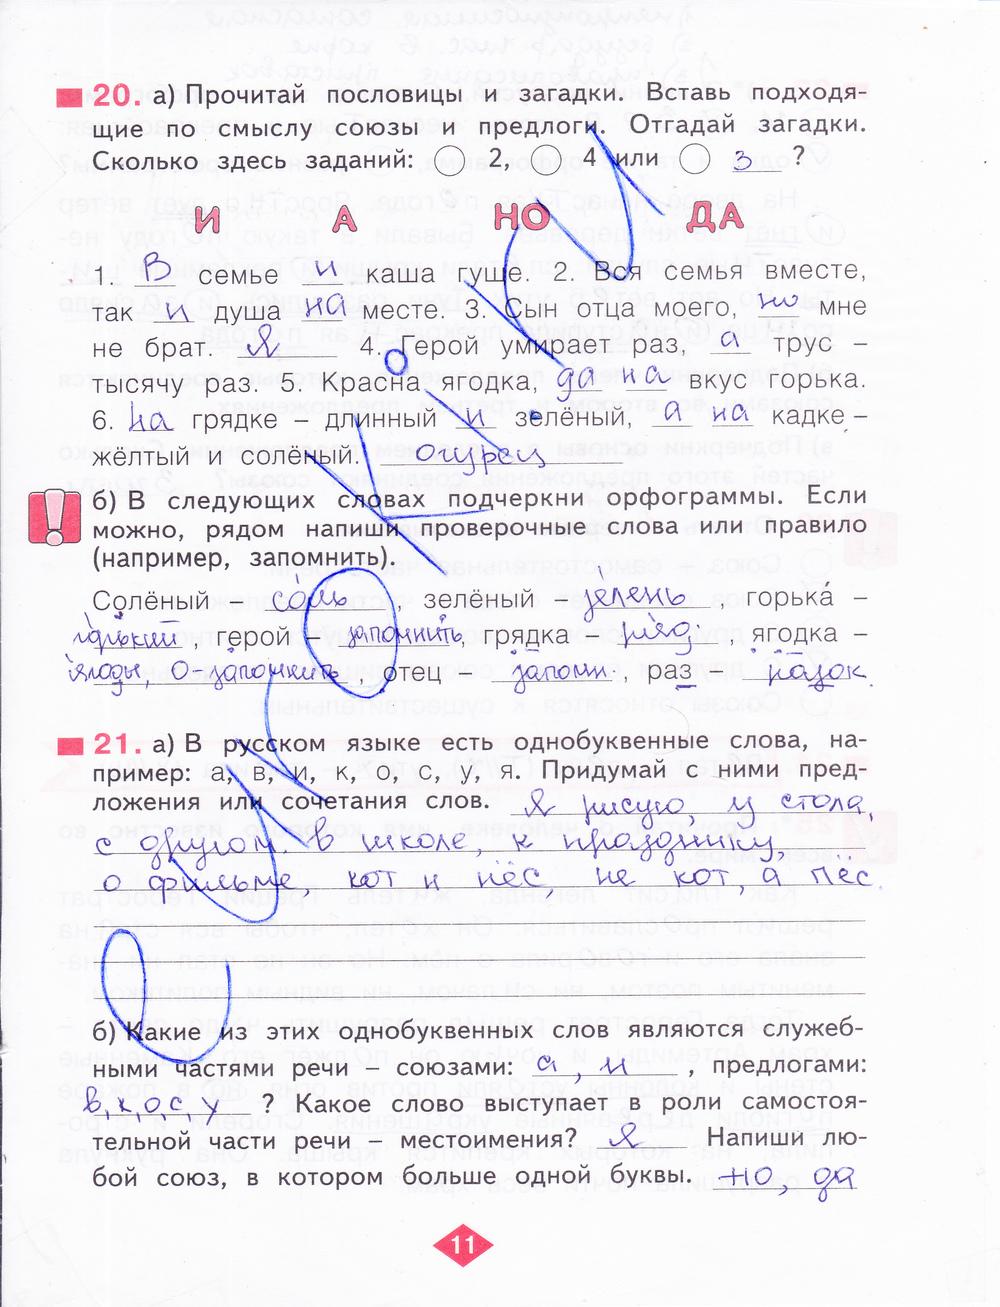 Учебник по русскому языку 3 класс нечаева скачать